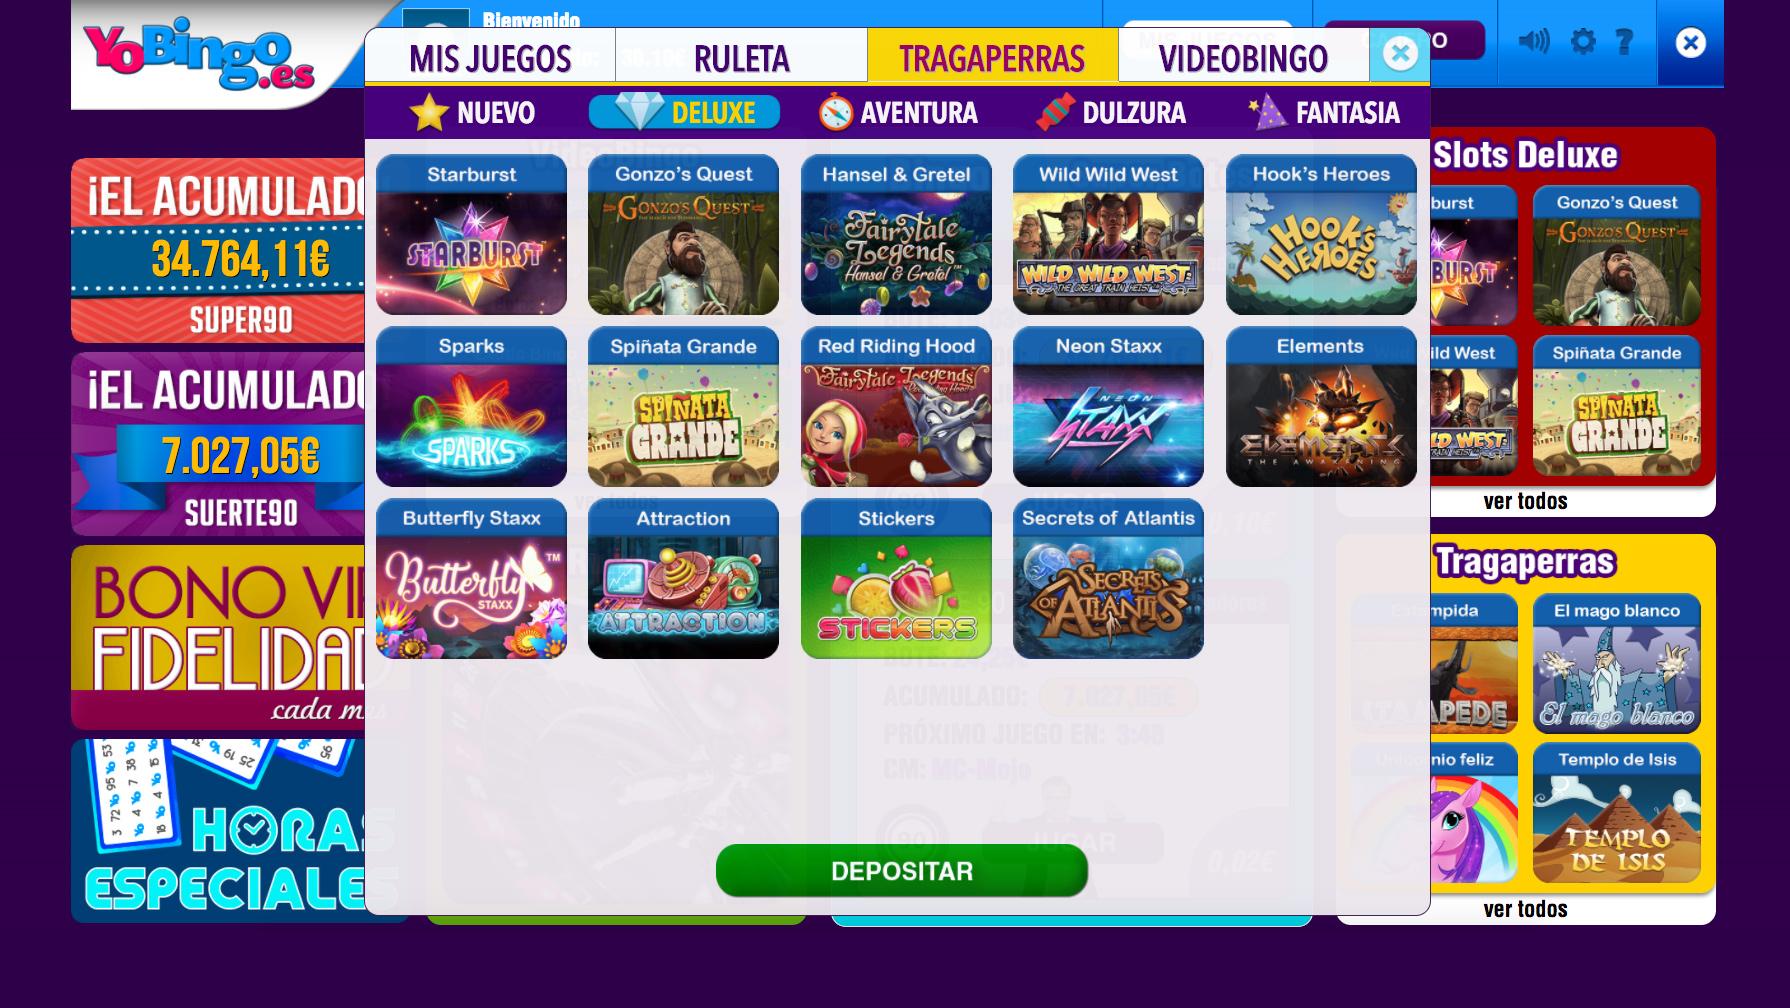 Promociones para casinos directorio de Juegos Completo 360790